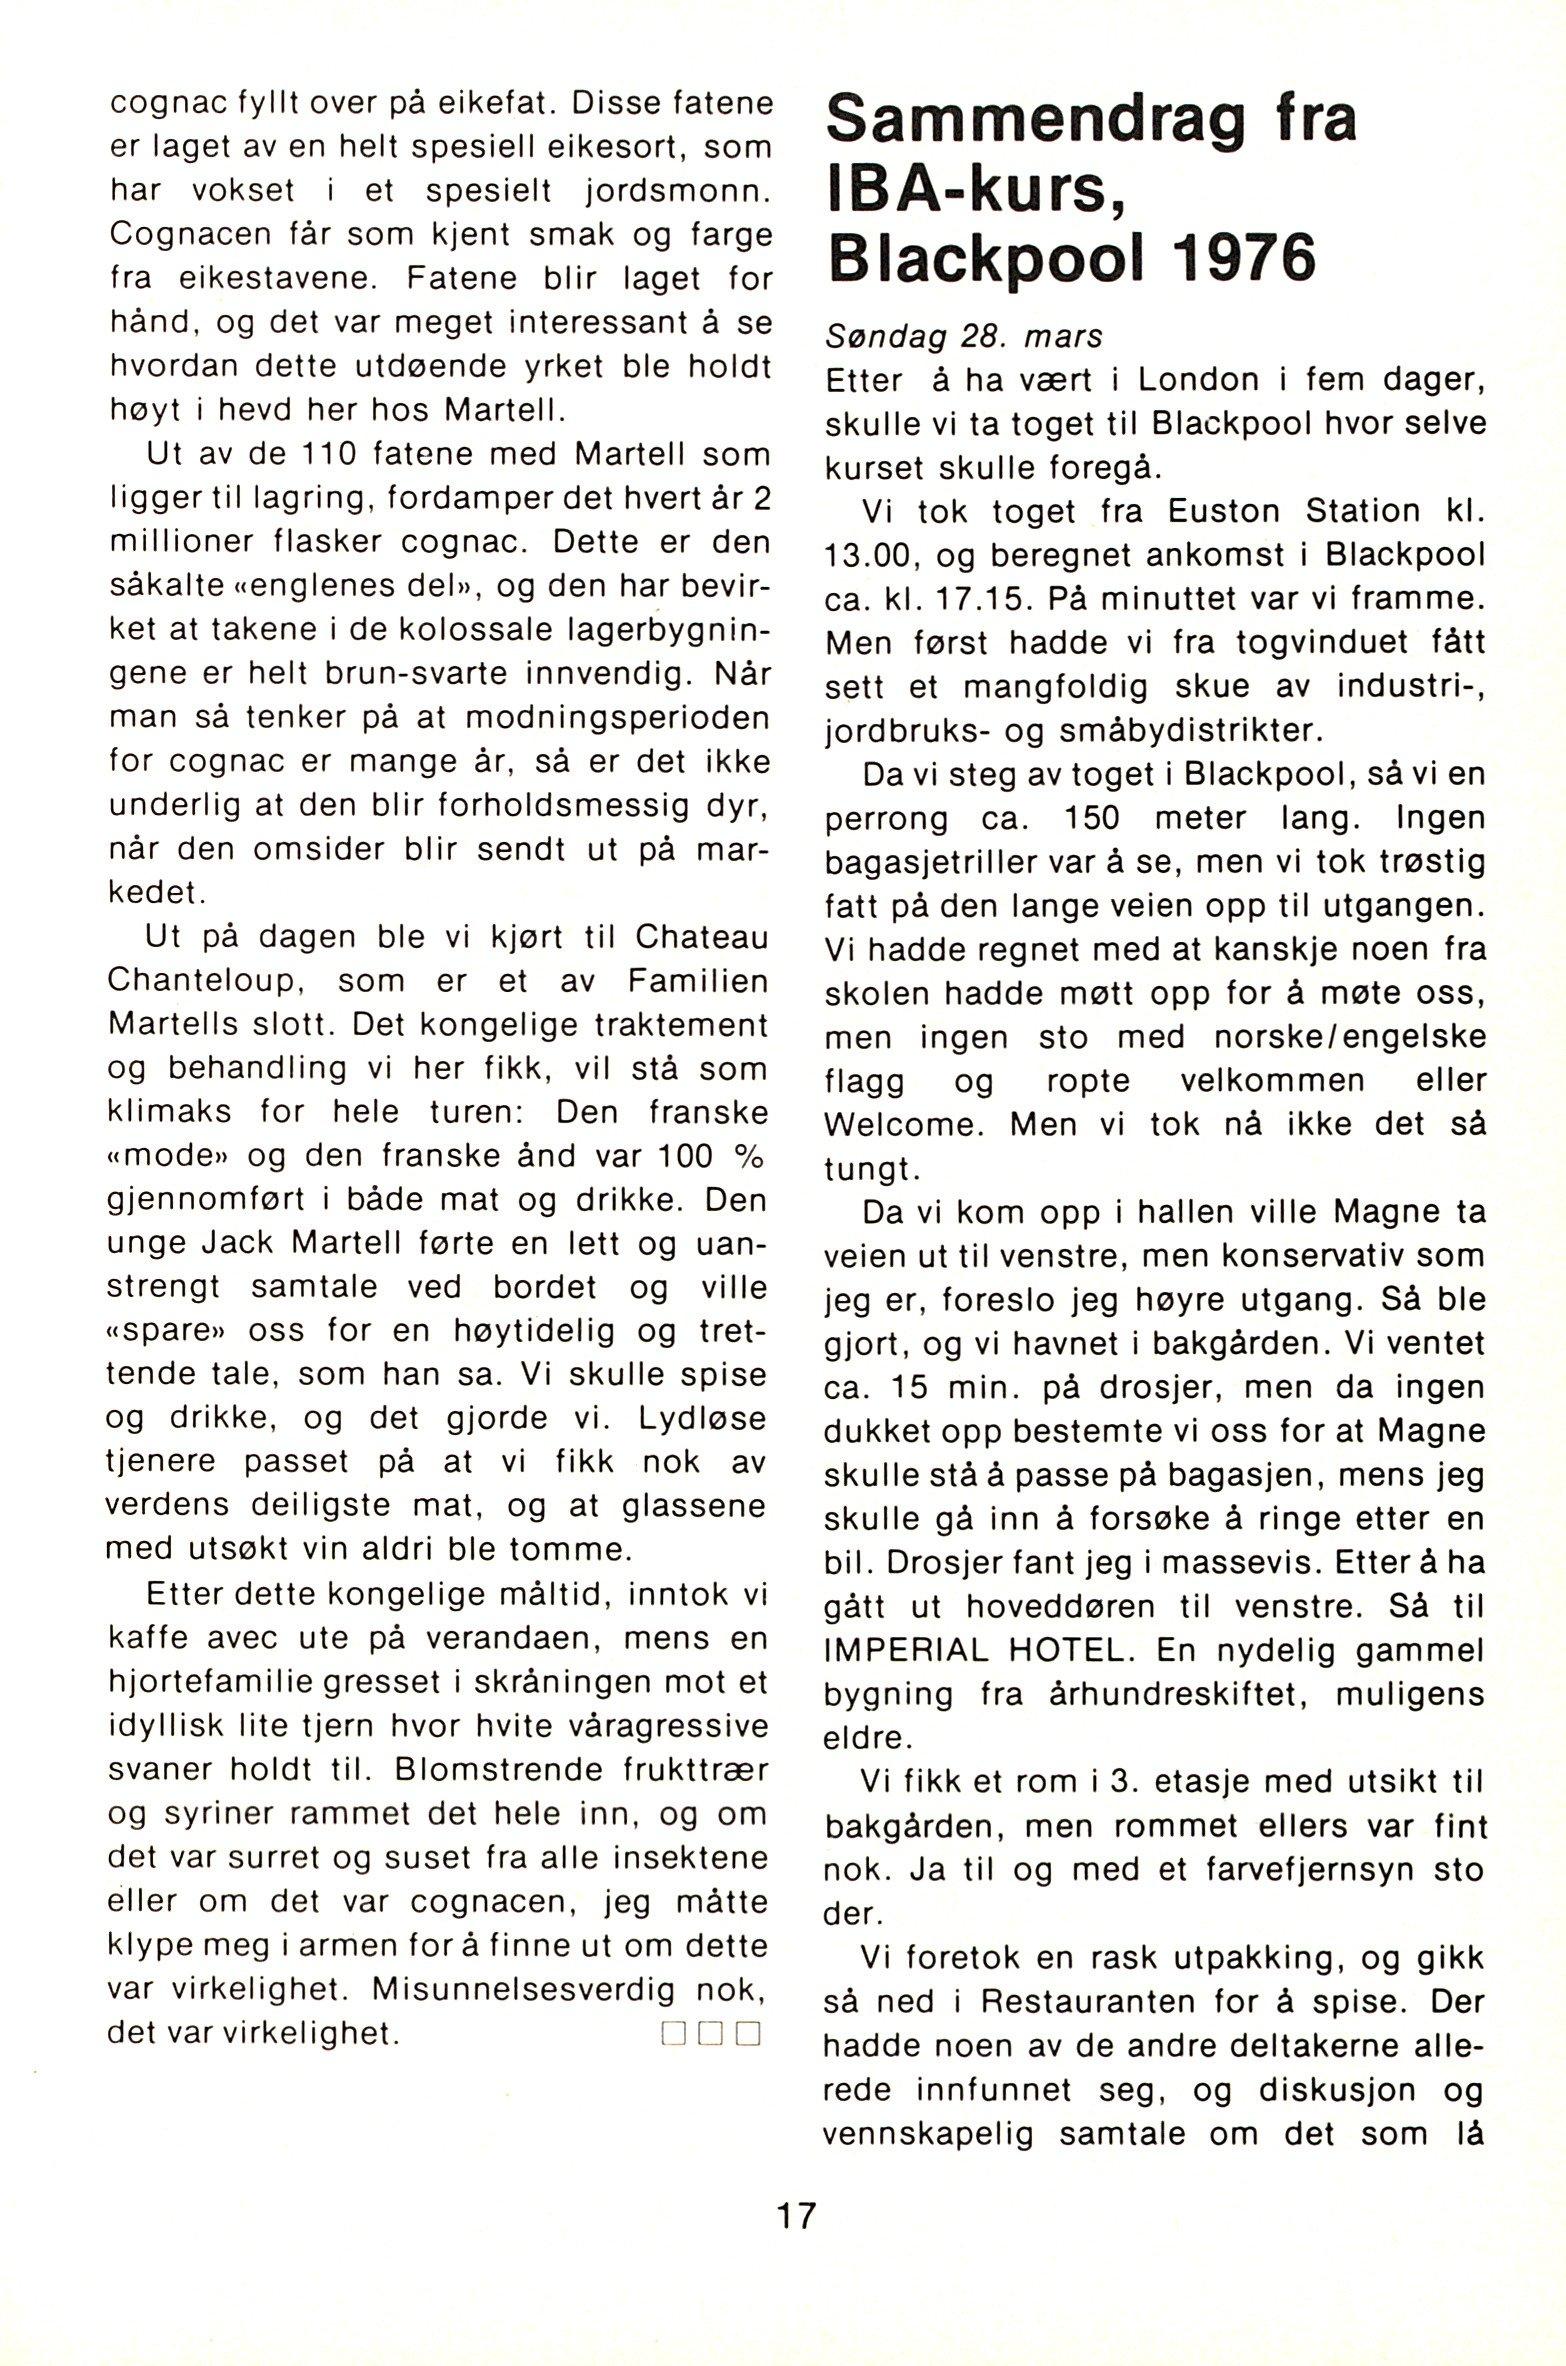 NB 1976 ÅRGANG 1 | Nr. 1 | Side 17